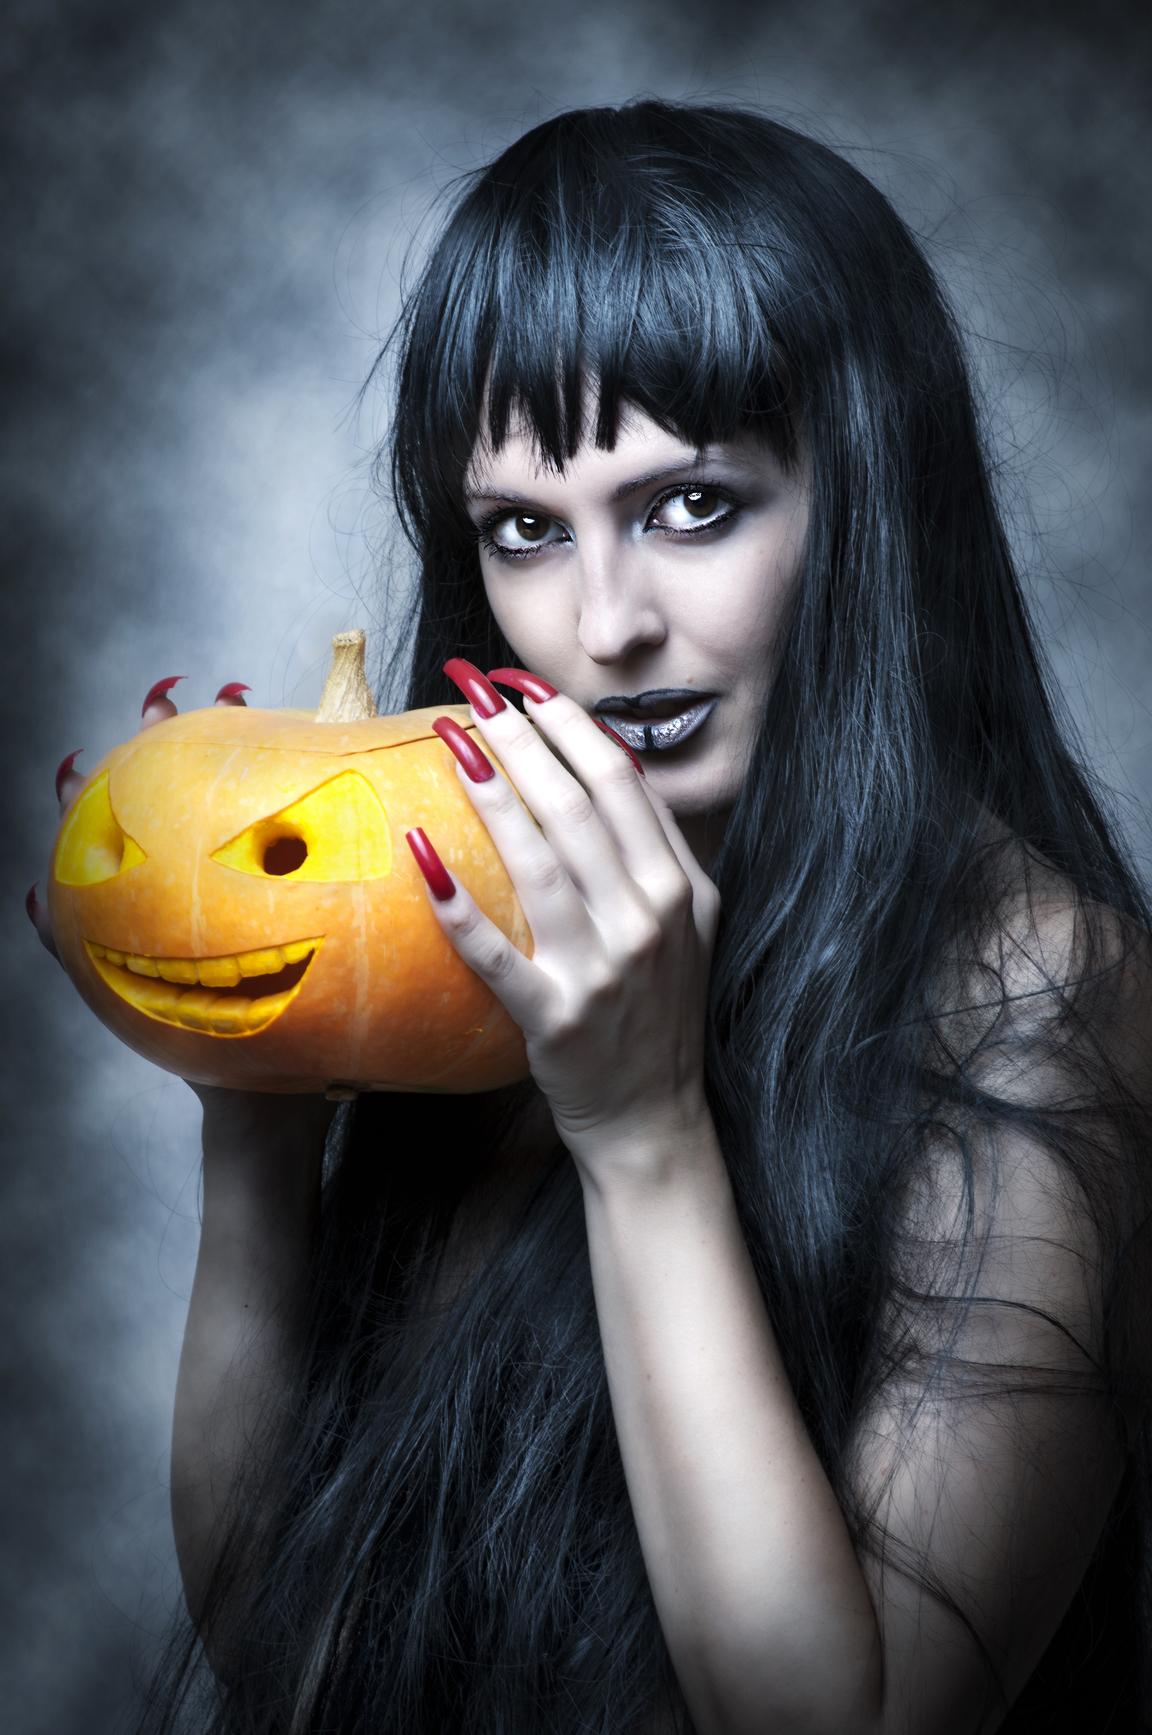 Макияж на Хэллоуин должен поразить воображение окружающих